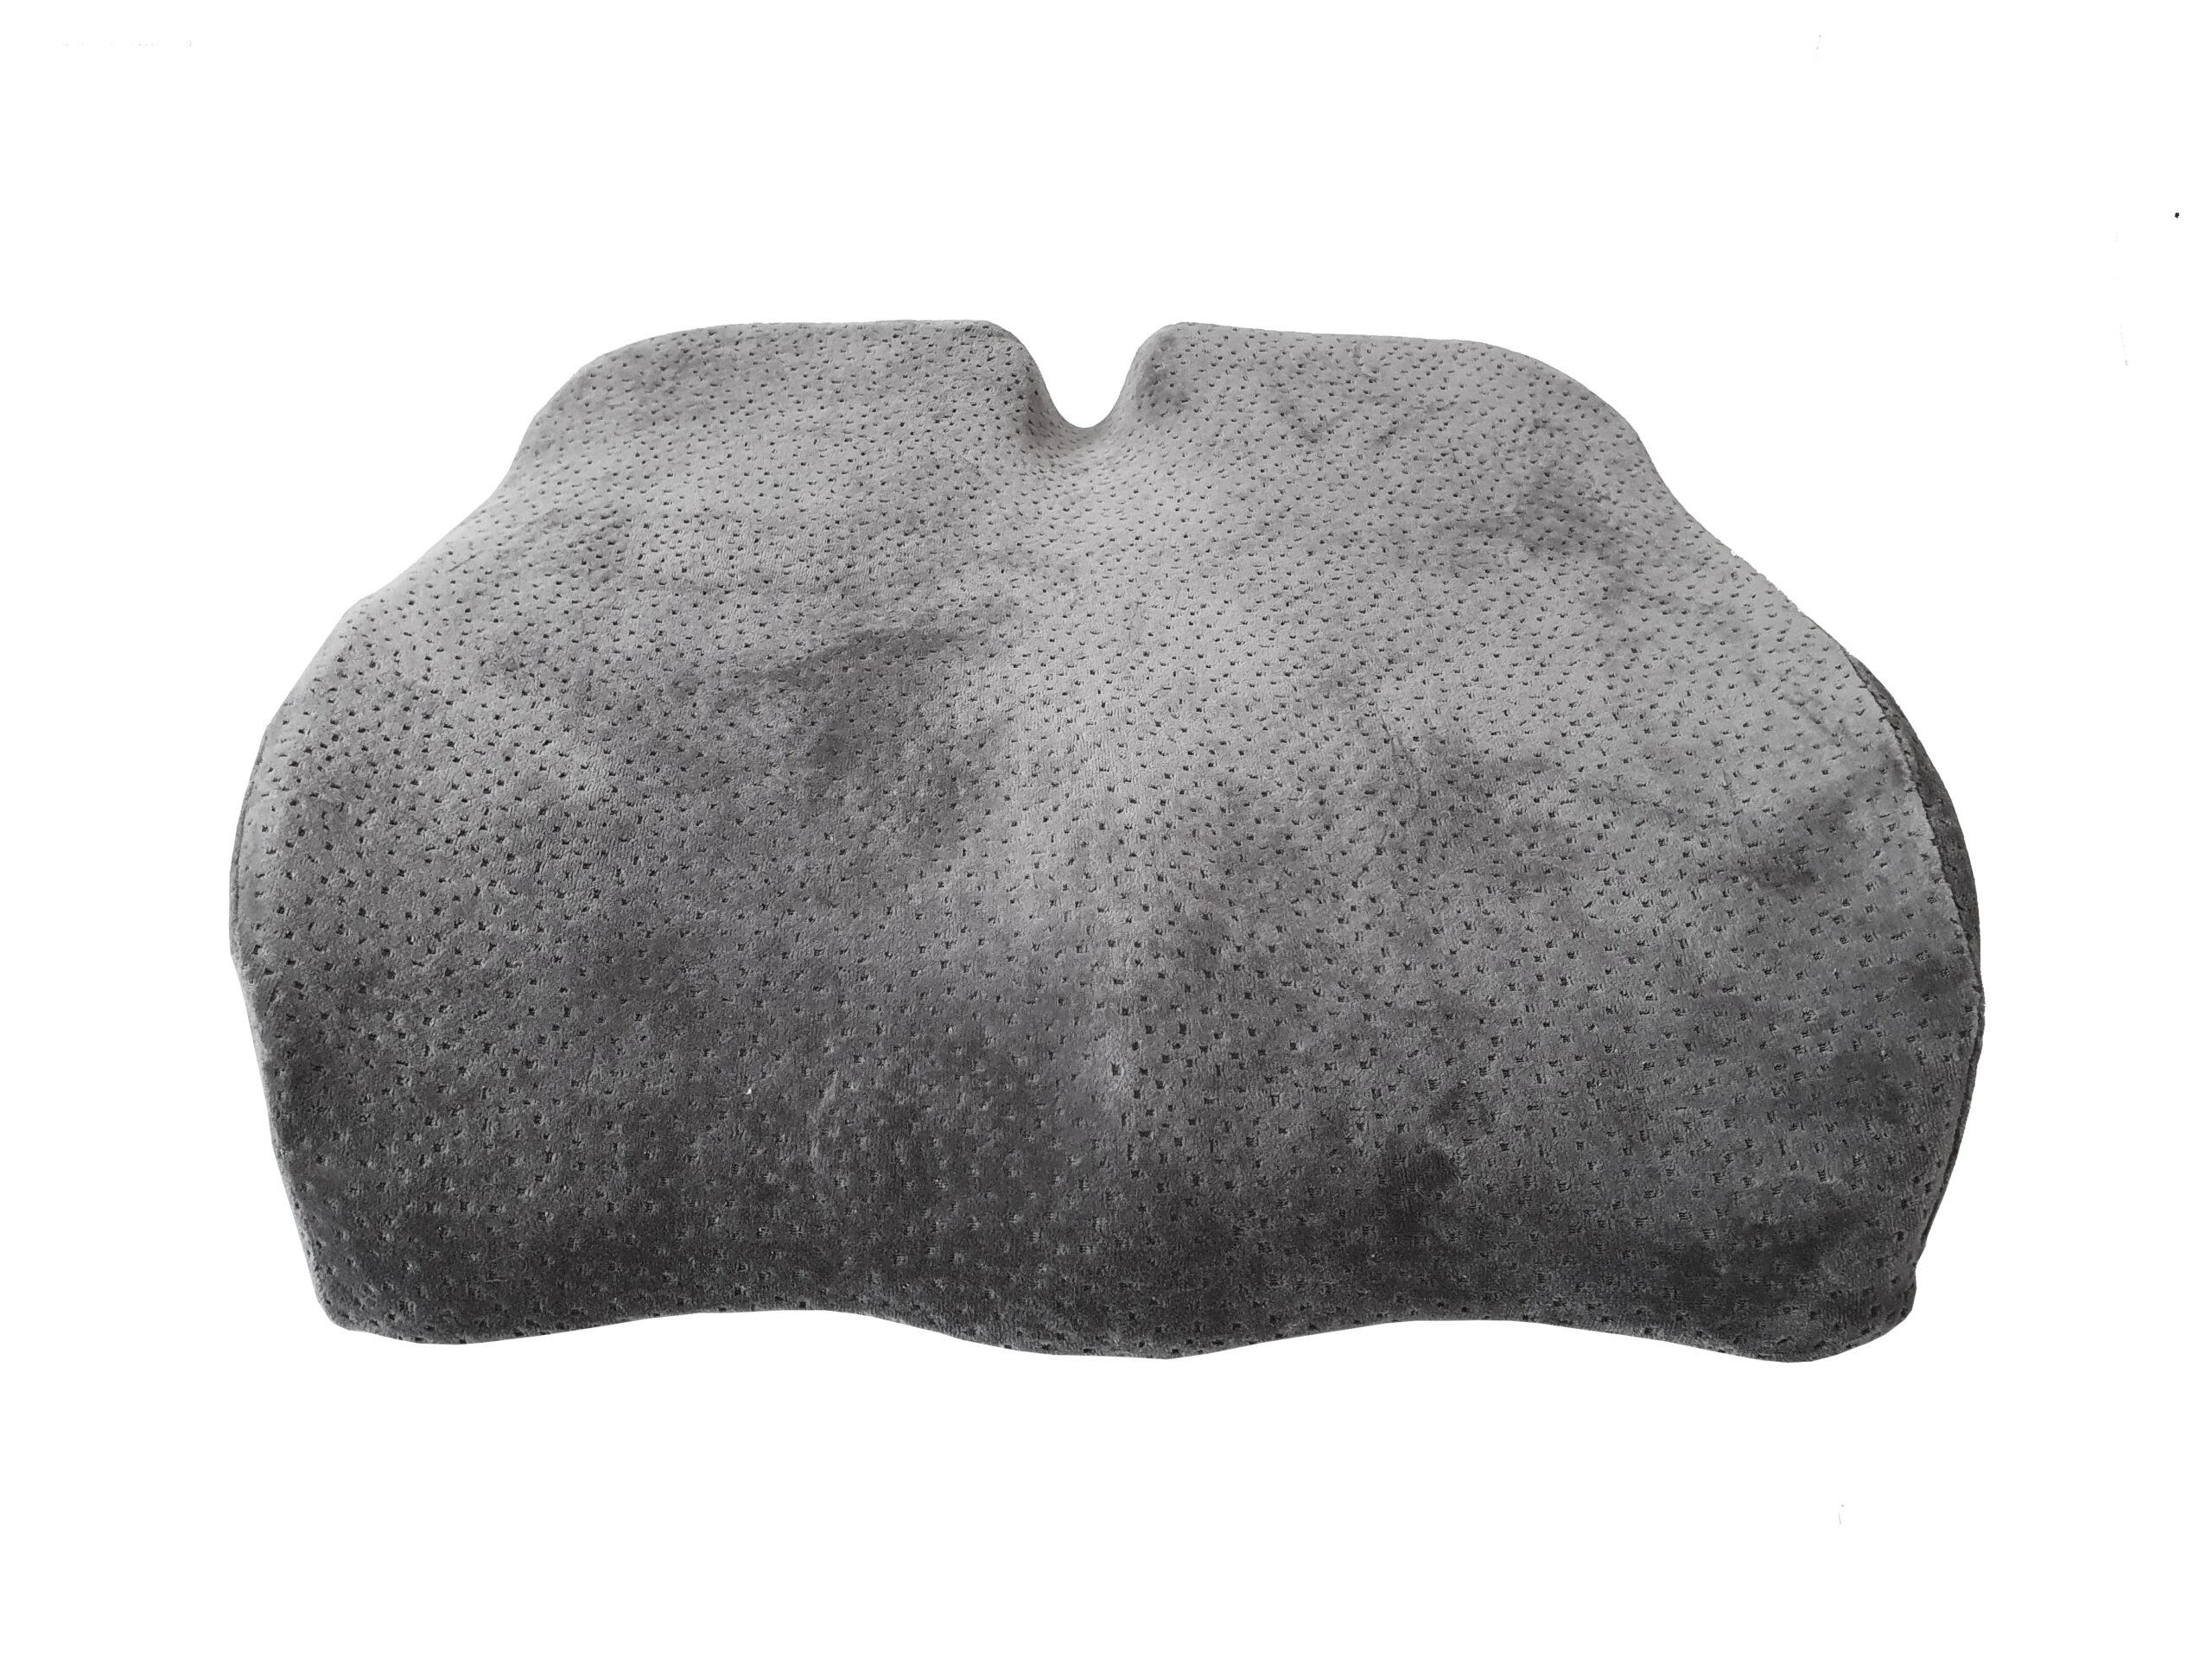 poduszka do siedzenia na kręgosłup lędźwiowy